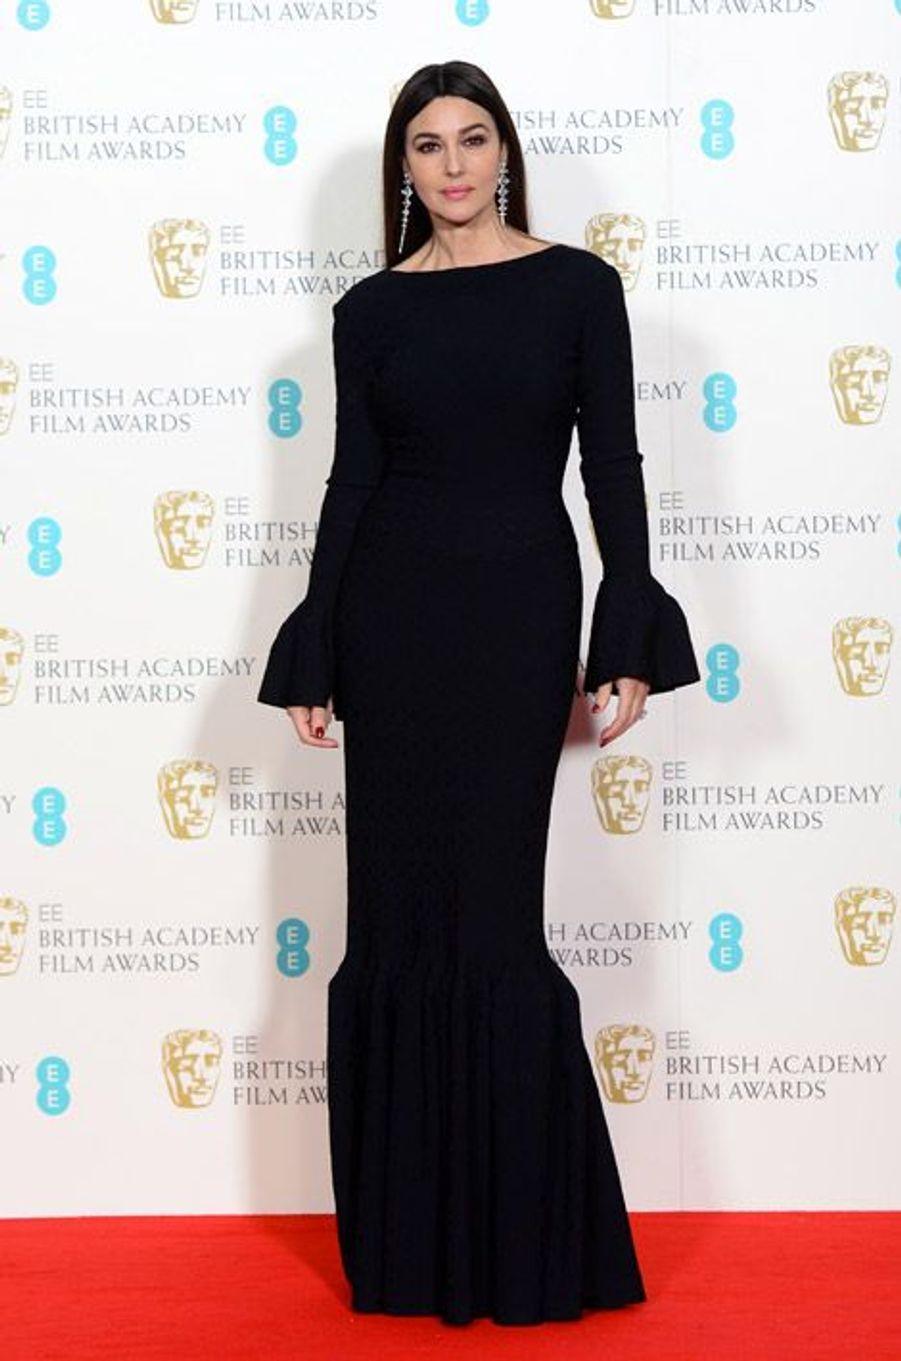 L'actrice Monica Bellucci en Alaia lors de la cérémonie des BAFTA le 8 février 2015